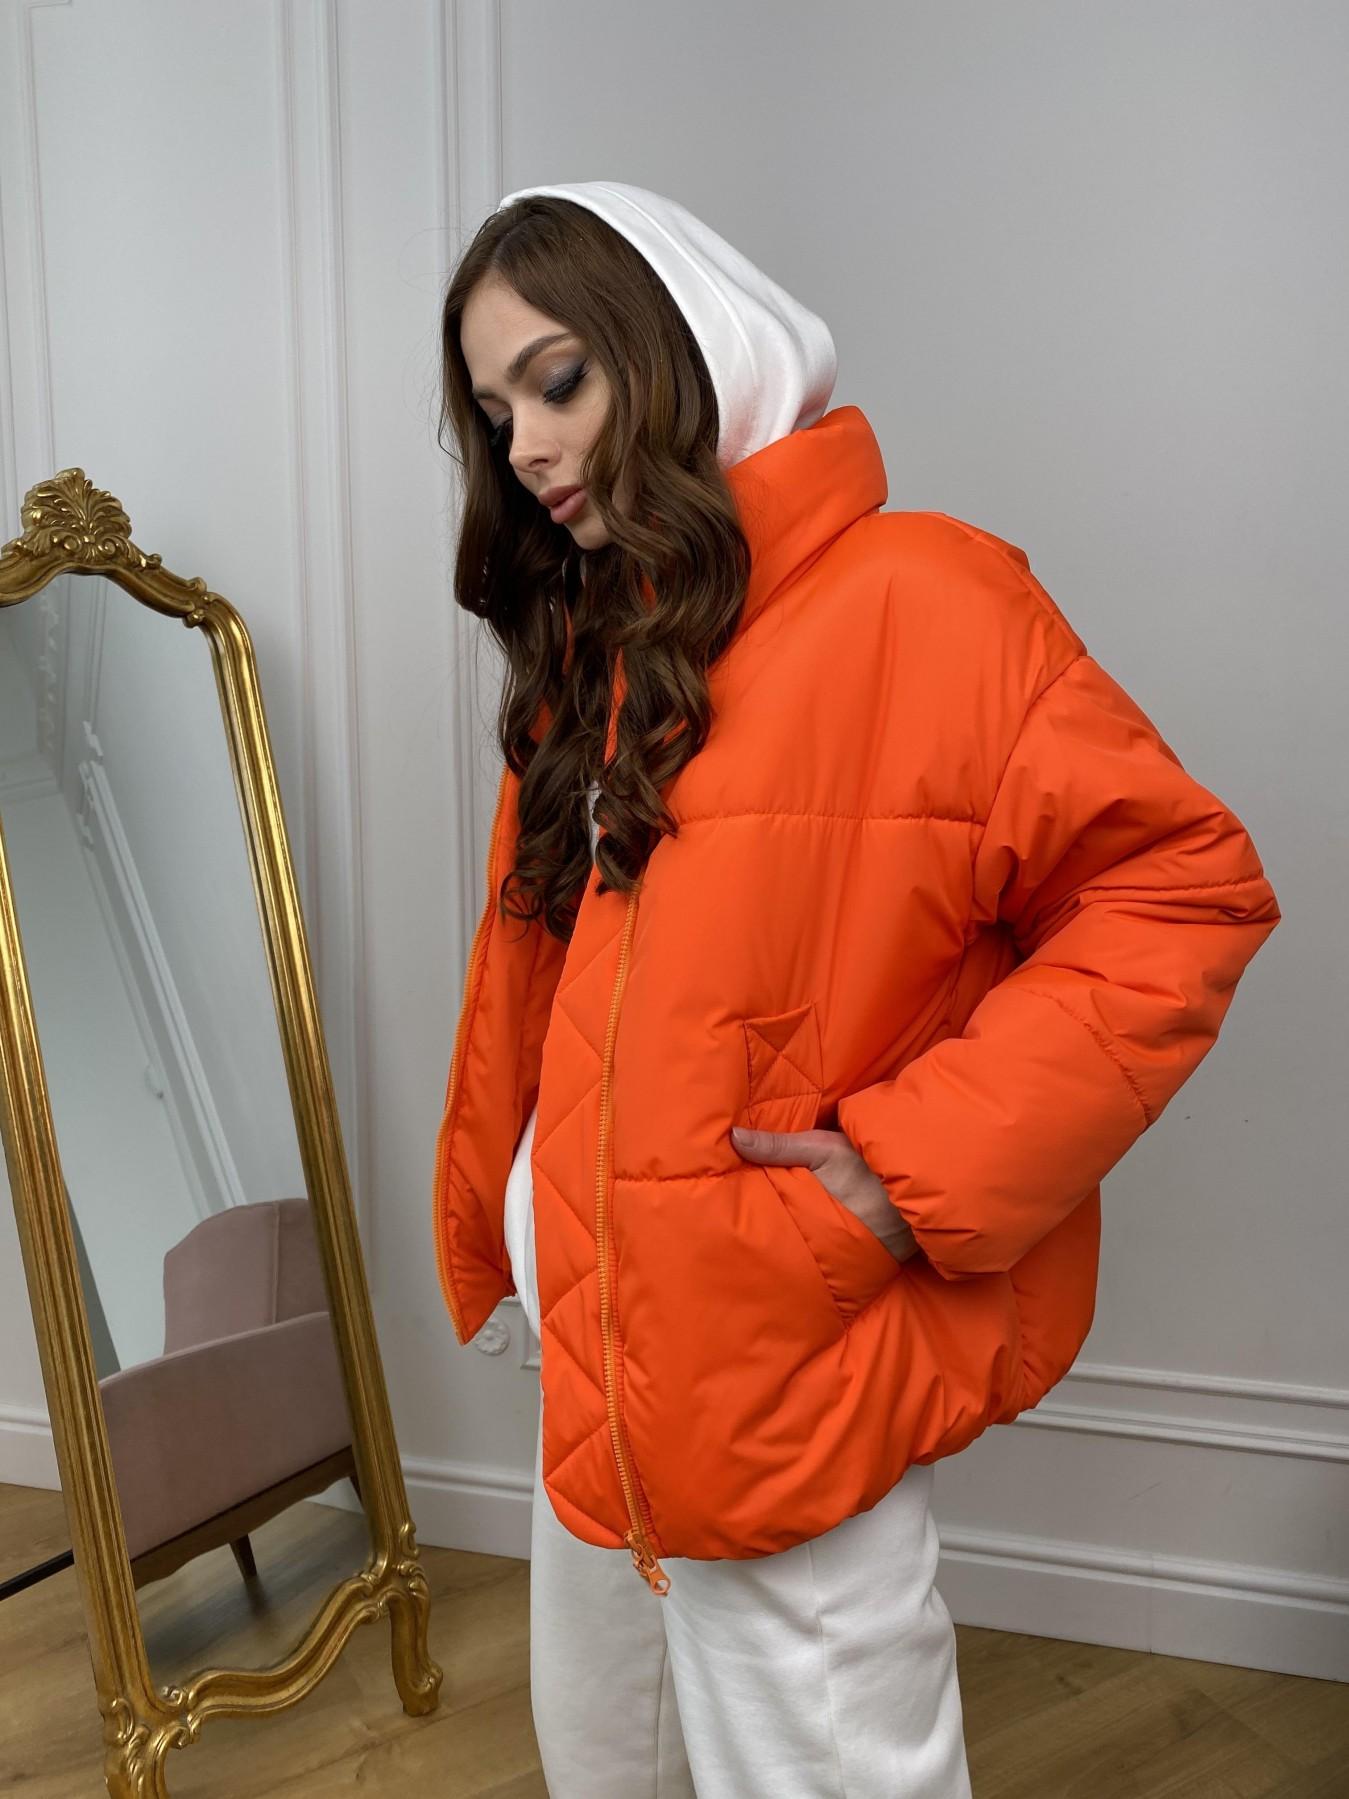 Муд куртка из плащевой ткани 10509 АРТ. 46915 Цвет: Оранжевый 788 - фото 5, интернет магазин tm-modus.ru